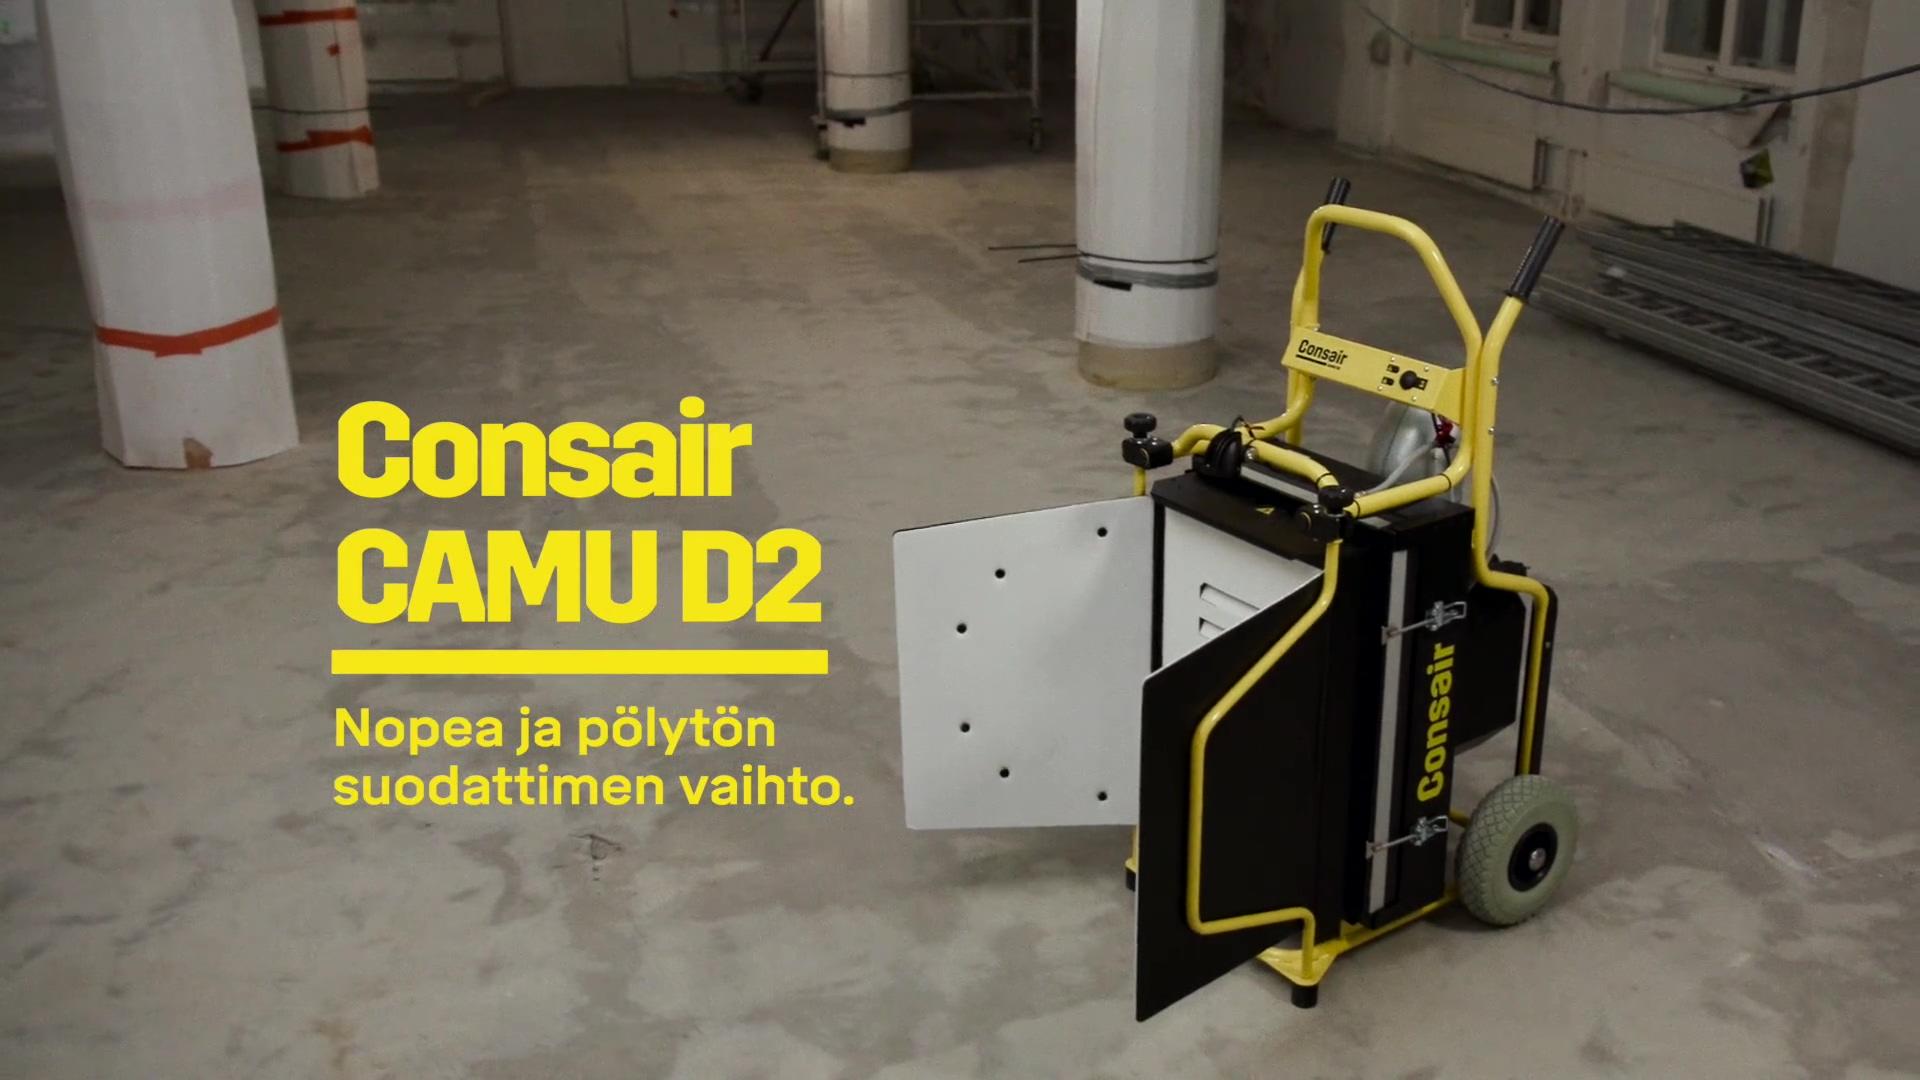 Consair CAMU D2 kohdepoistolaitteen suodattimen vaihto